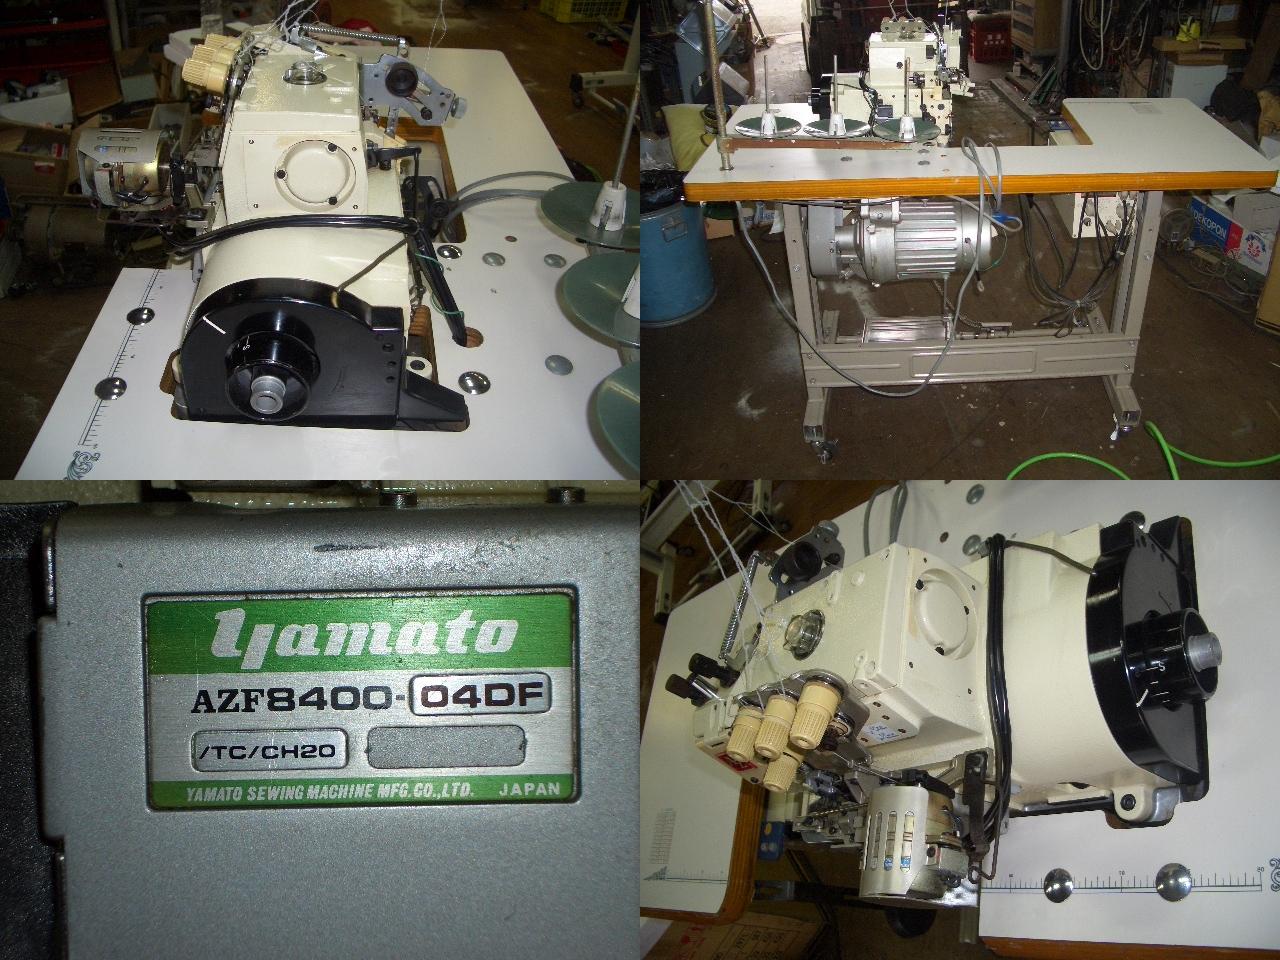 【中古】 ヤマト YAMATO AZF-8400-04DF/TC/CH20 1本針3本糸上下作動すそ引きミシン 段はずれ防止装置つき 200V